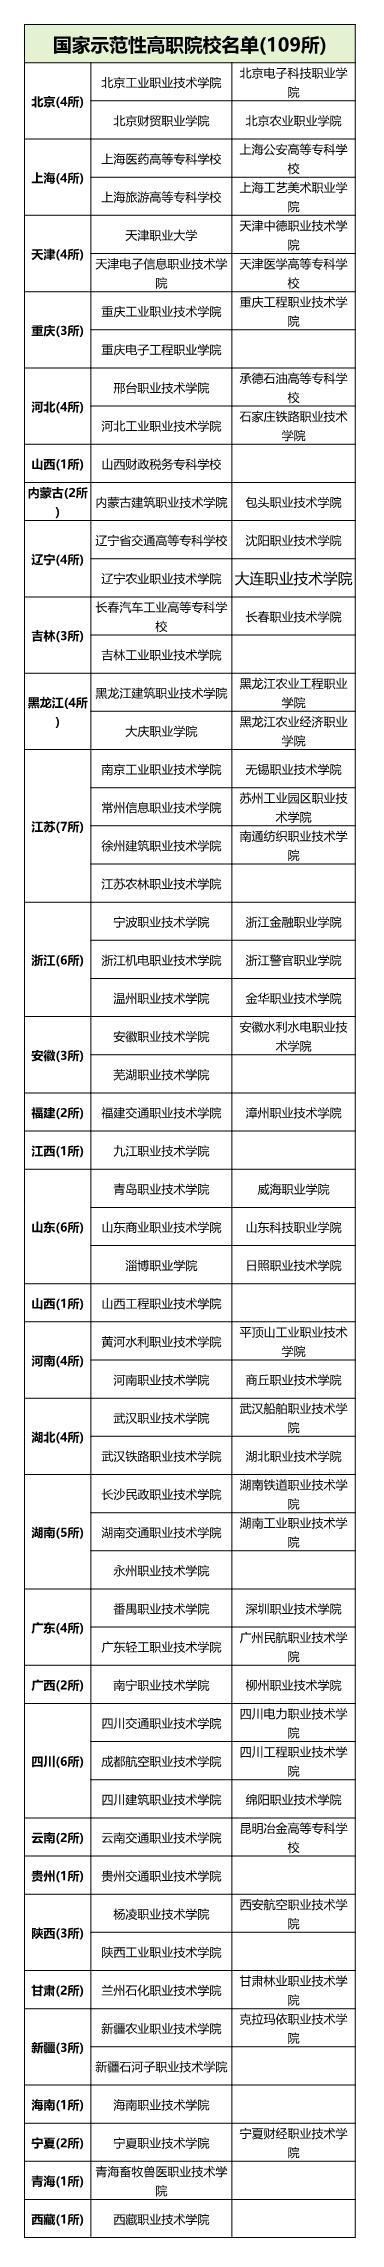 国家示范性高等职业院校名单